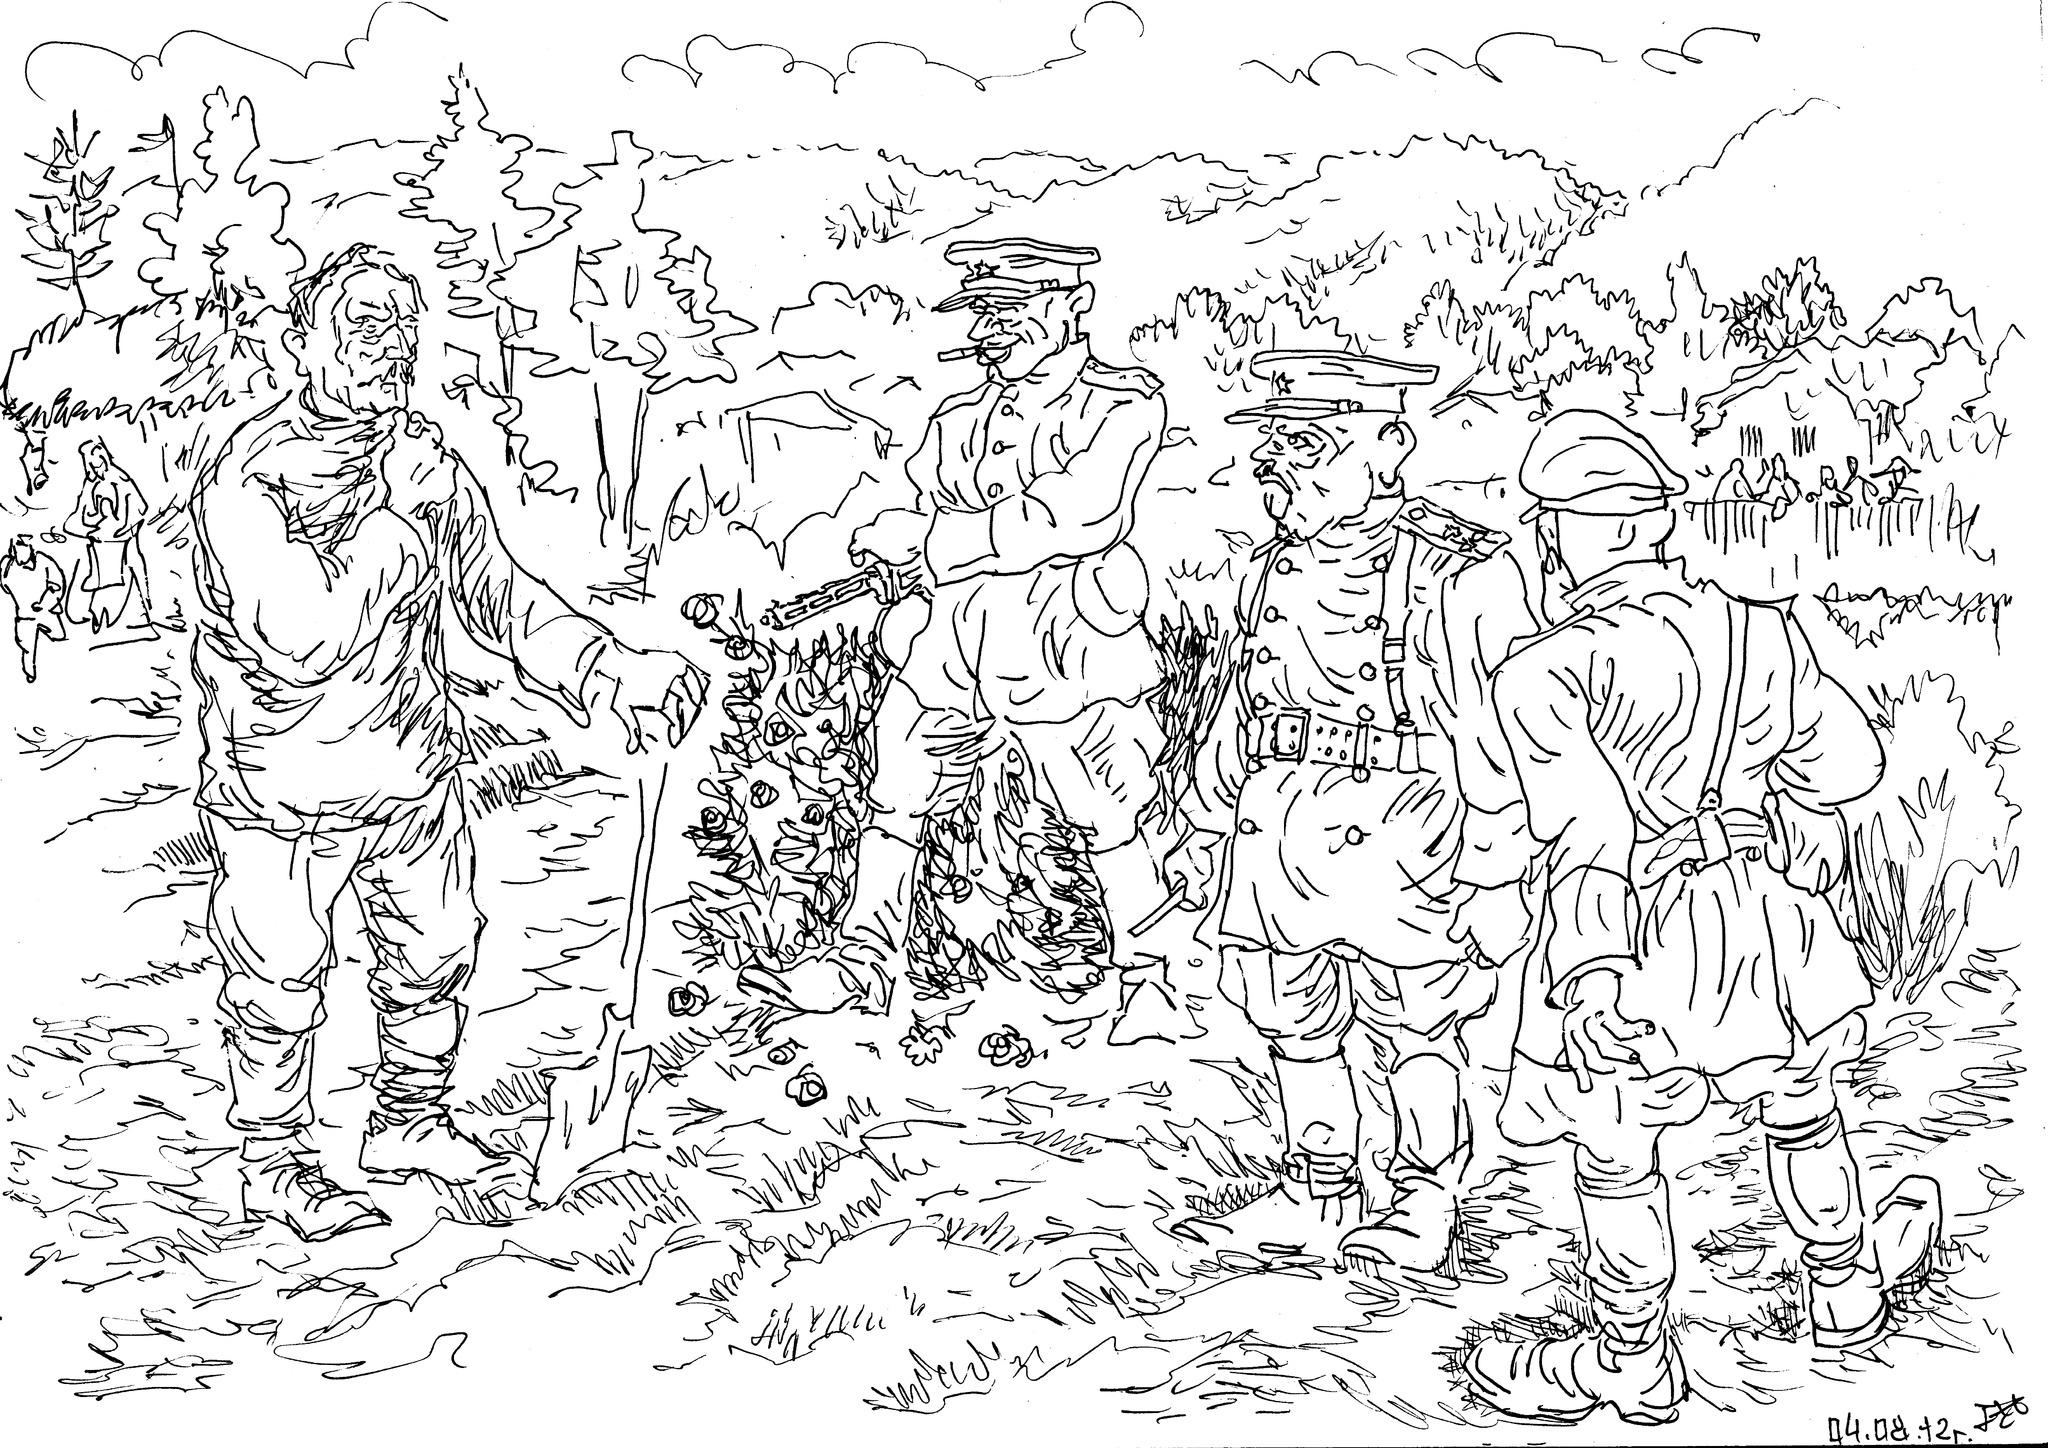 Бывших Белых офицеров на освобождённой территории арестовывали и отправляли в СССР